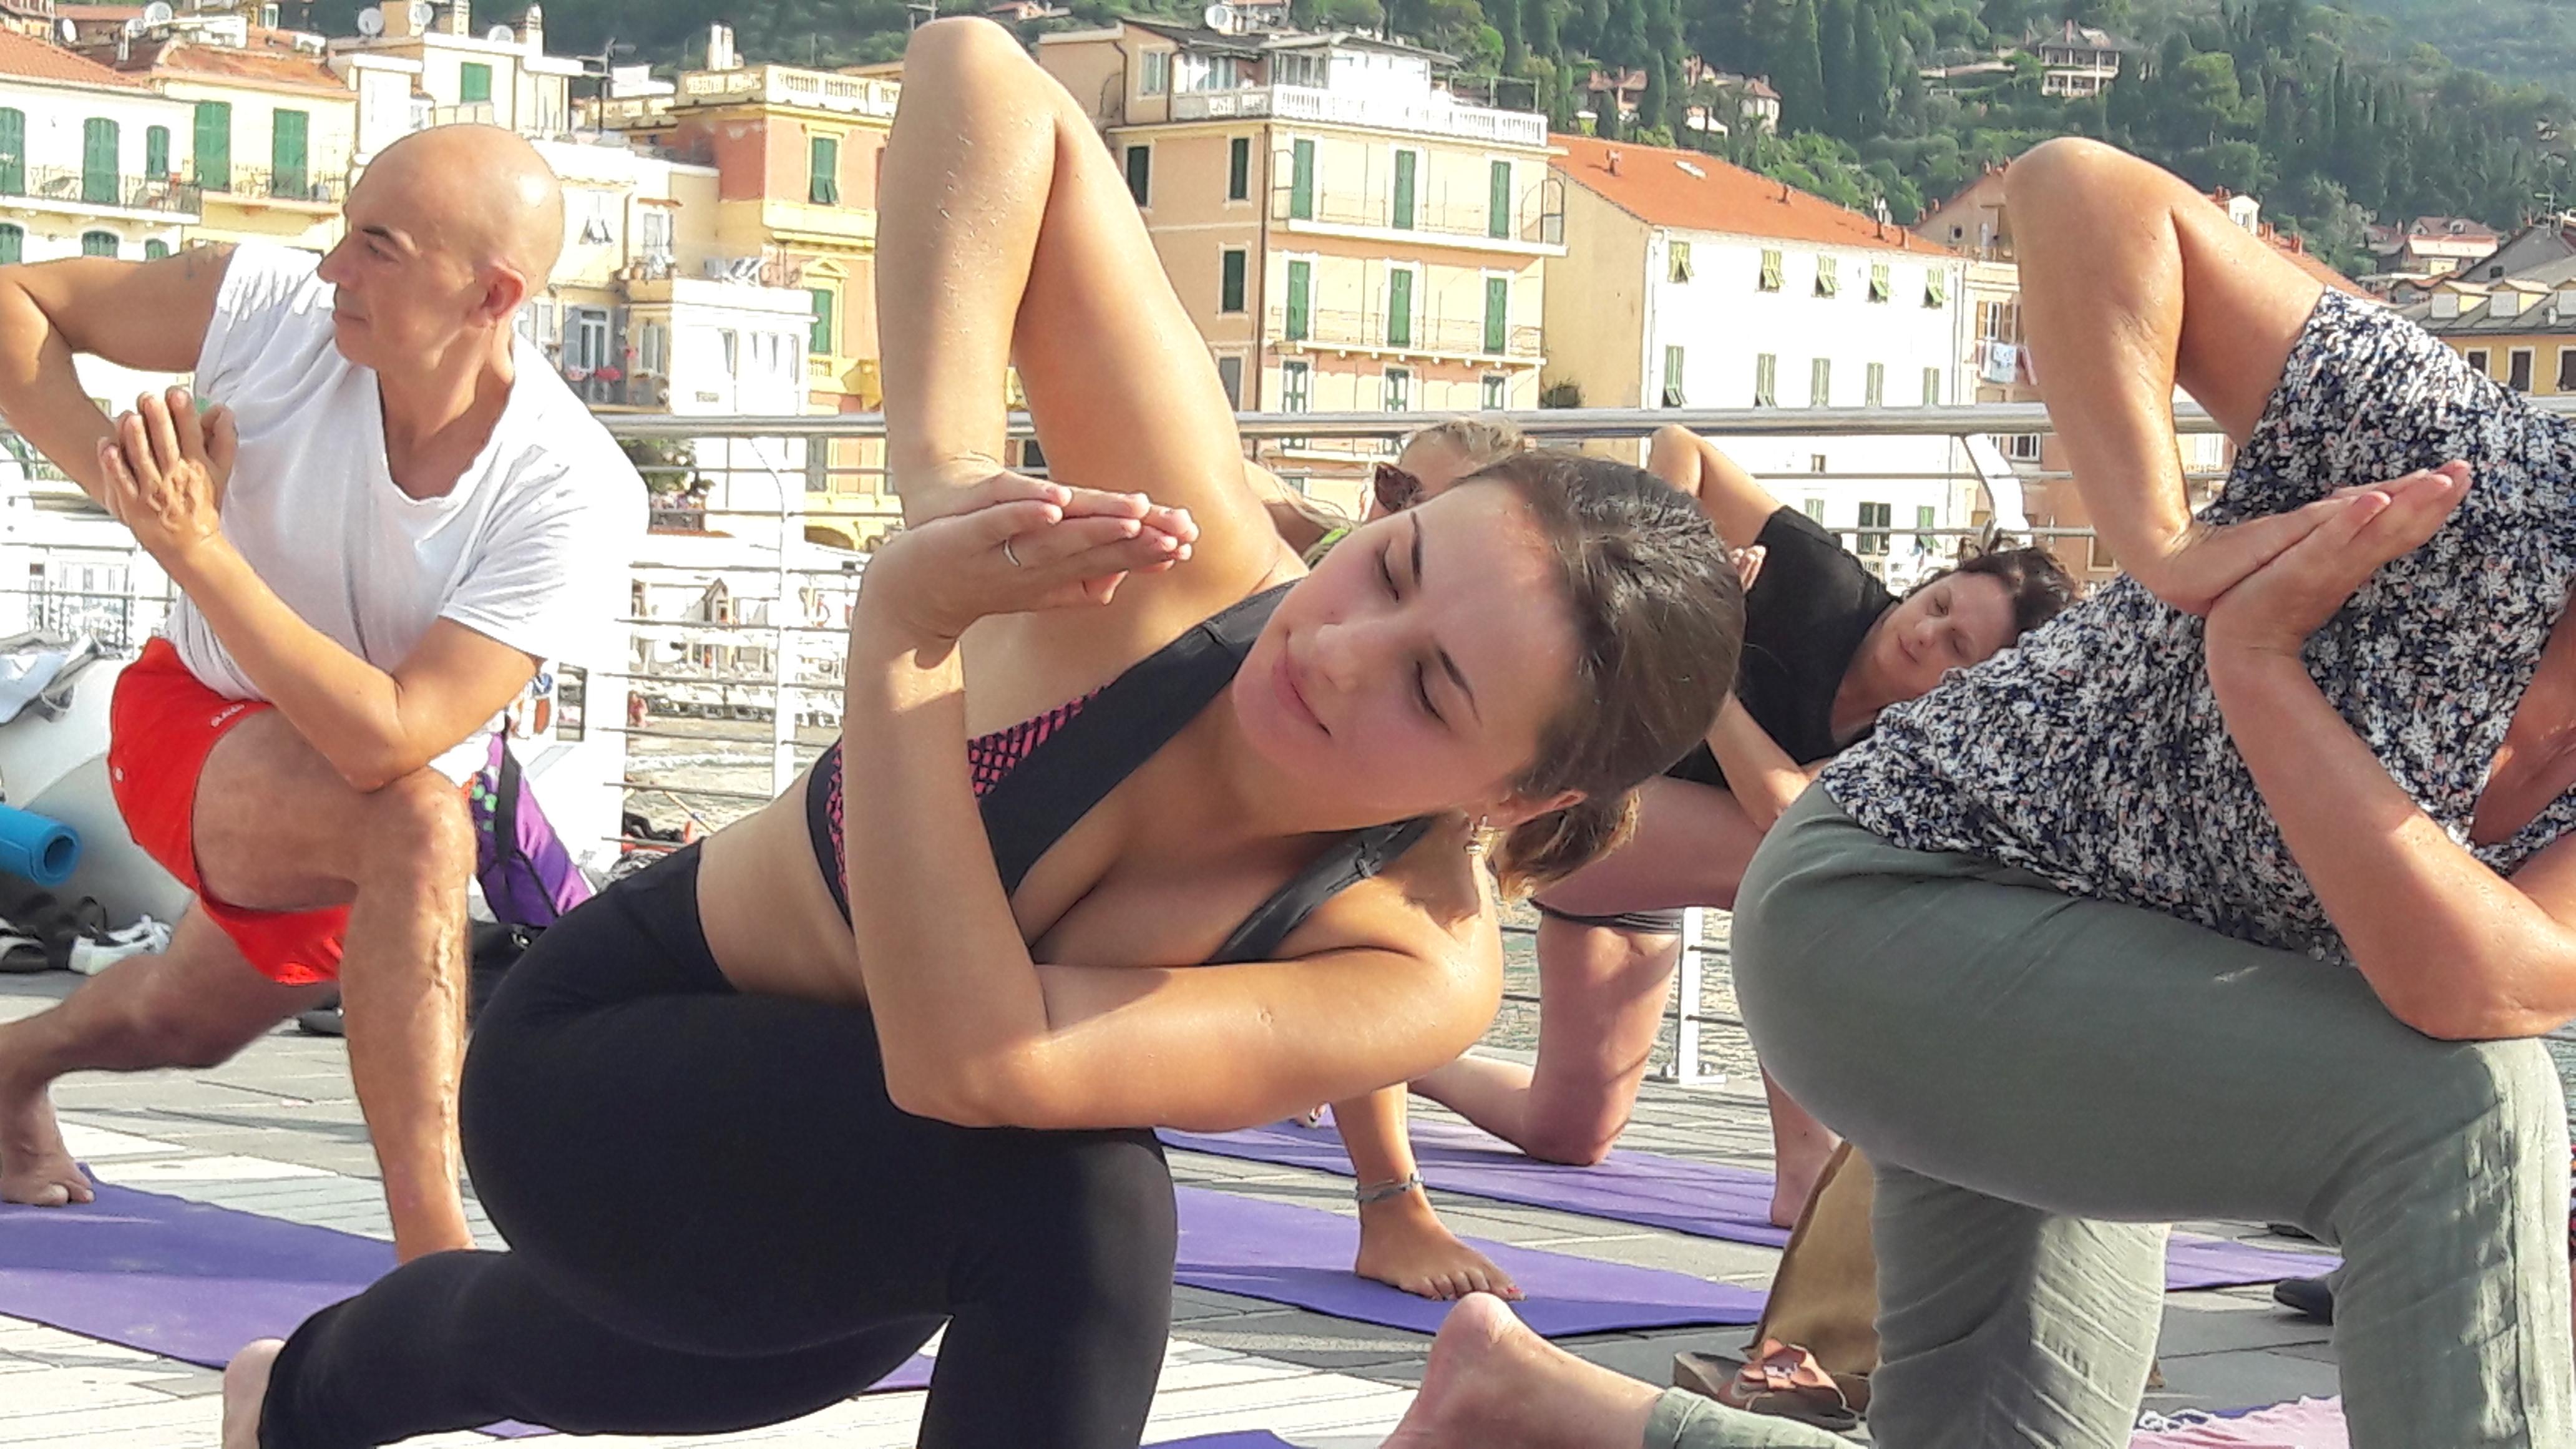 essere-free-yoga-gratuito-benessere-per-tutti-village-citta-alassio-estate-lucia-ragazzi-summer-town-wellness-056